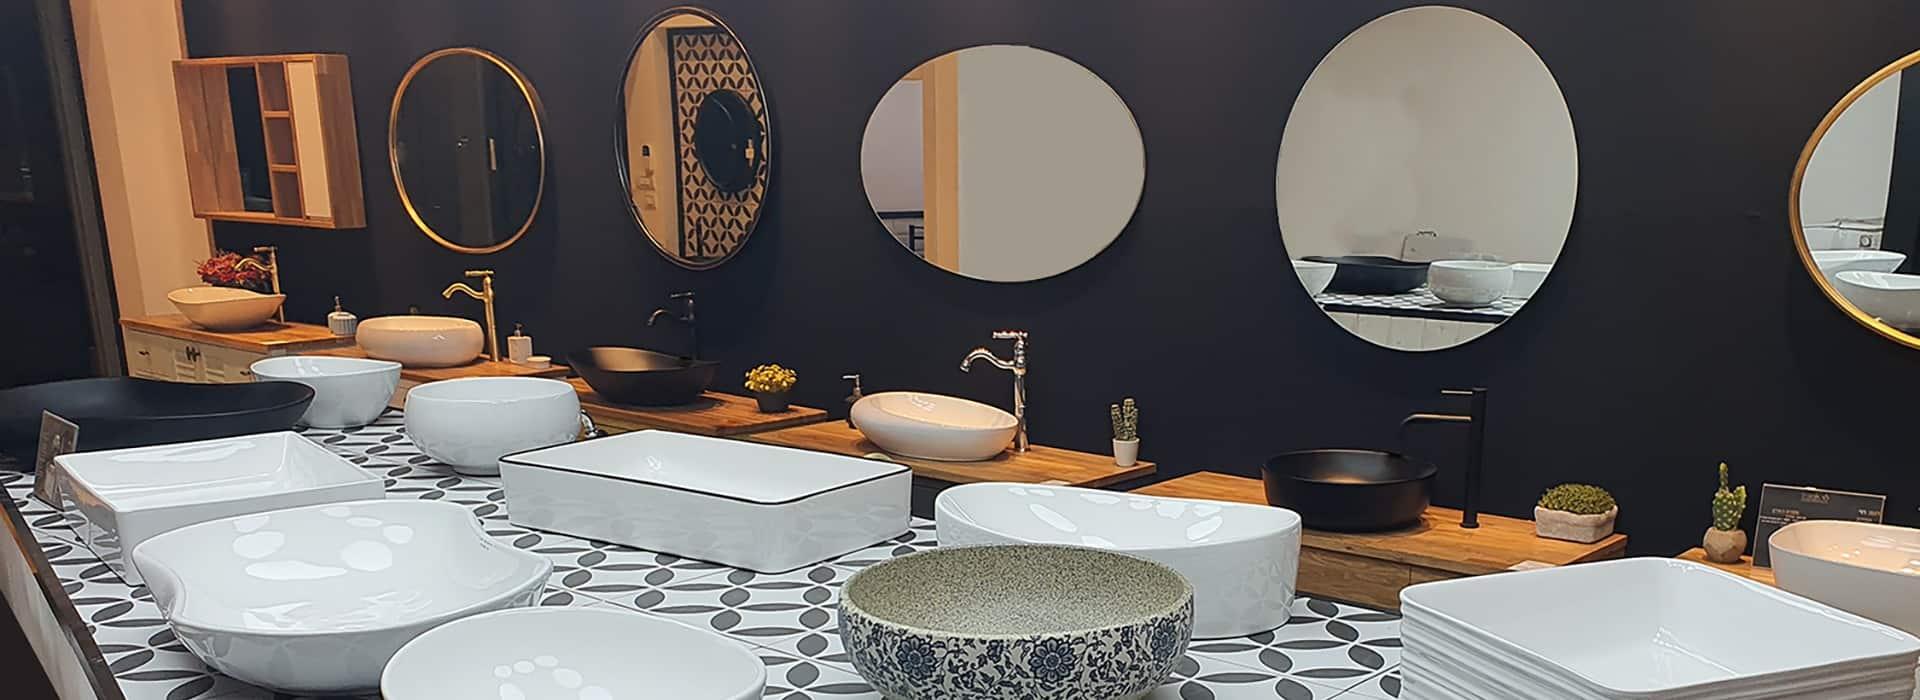 כיורים לארונות אמבטיה